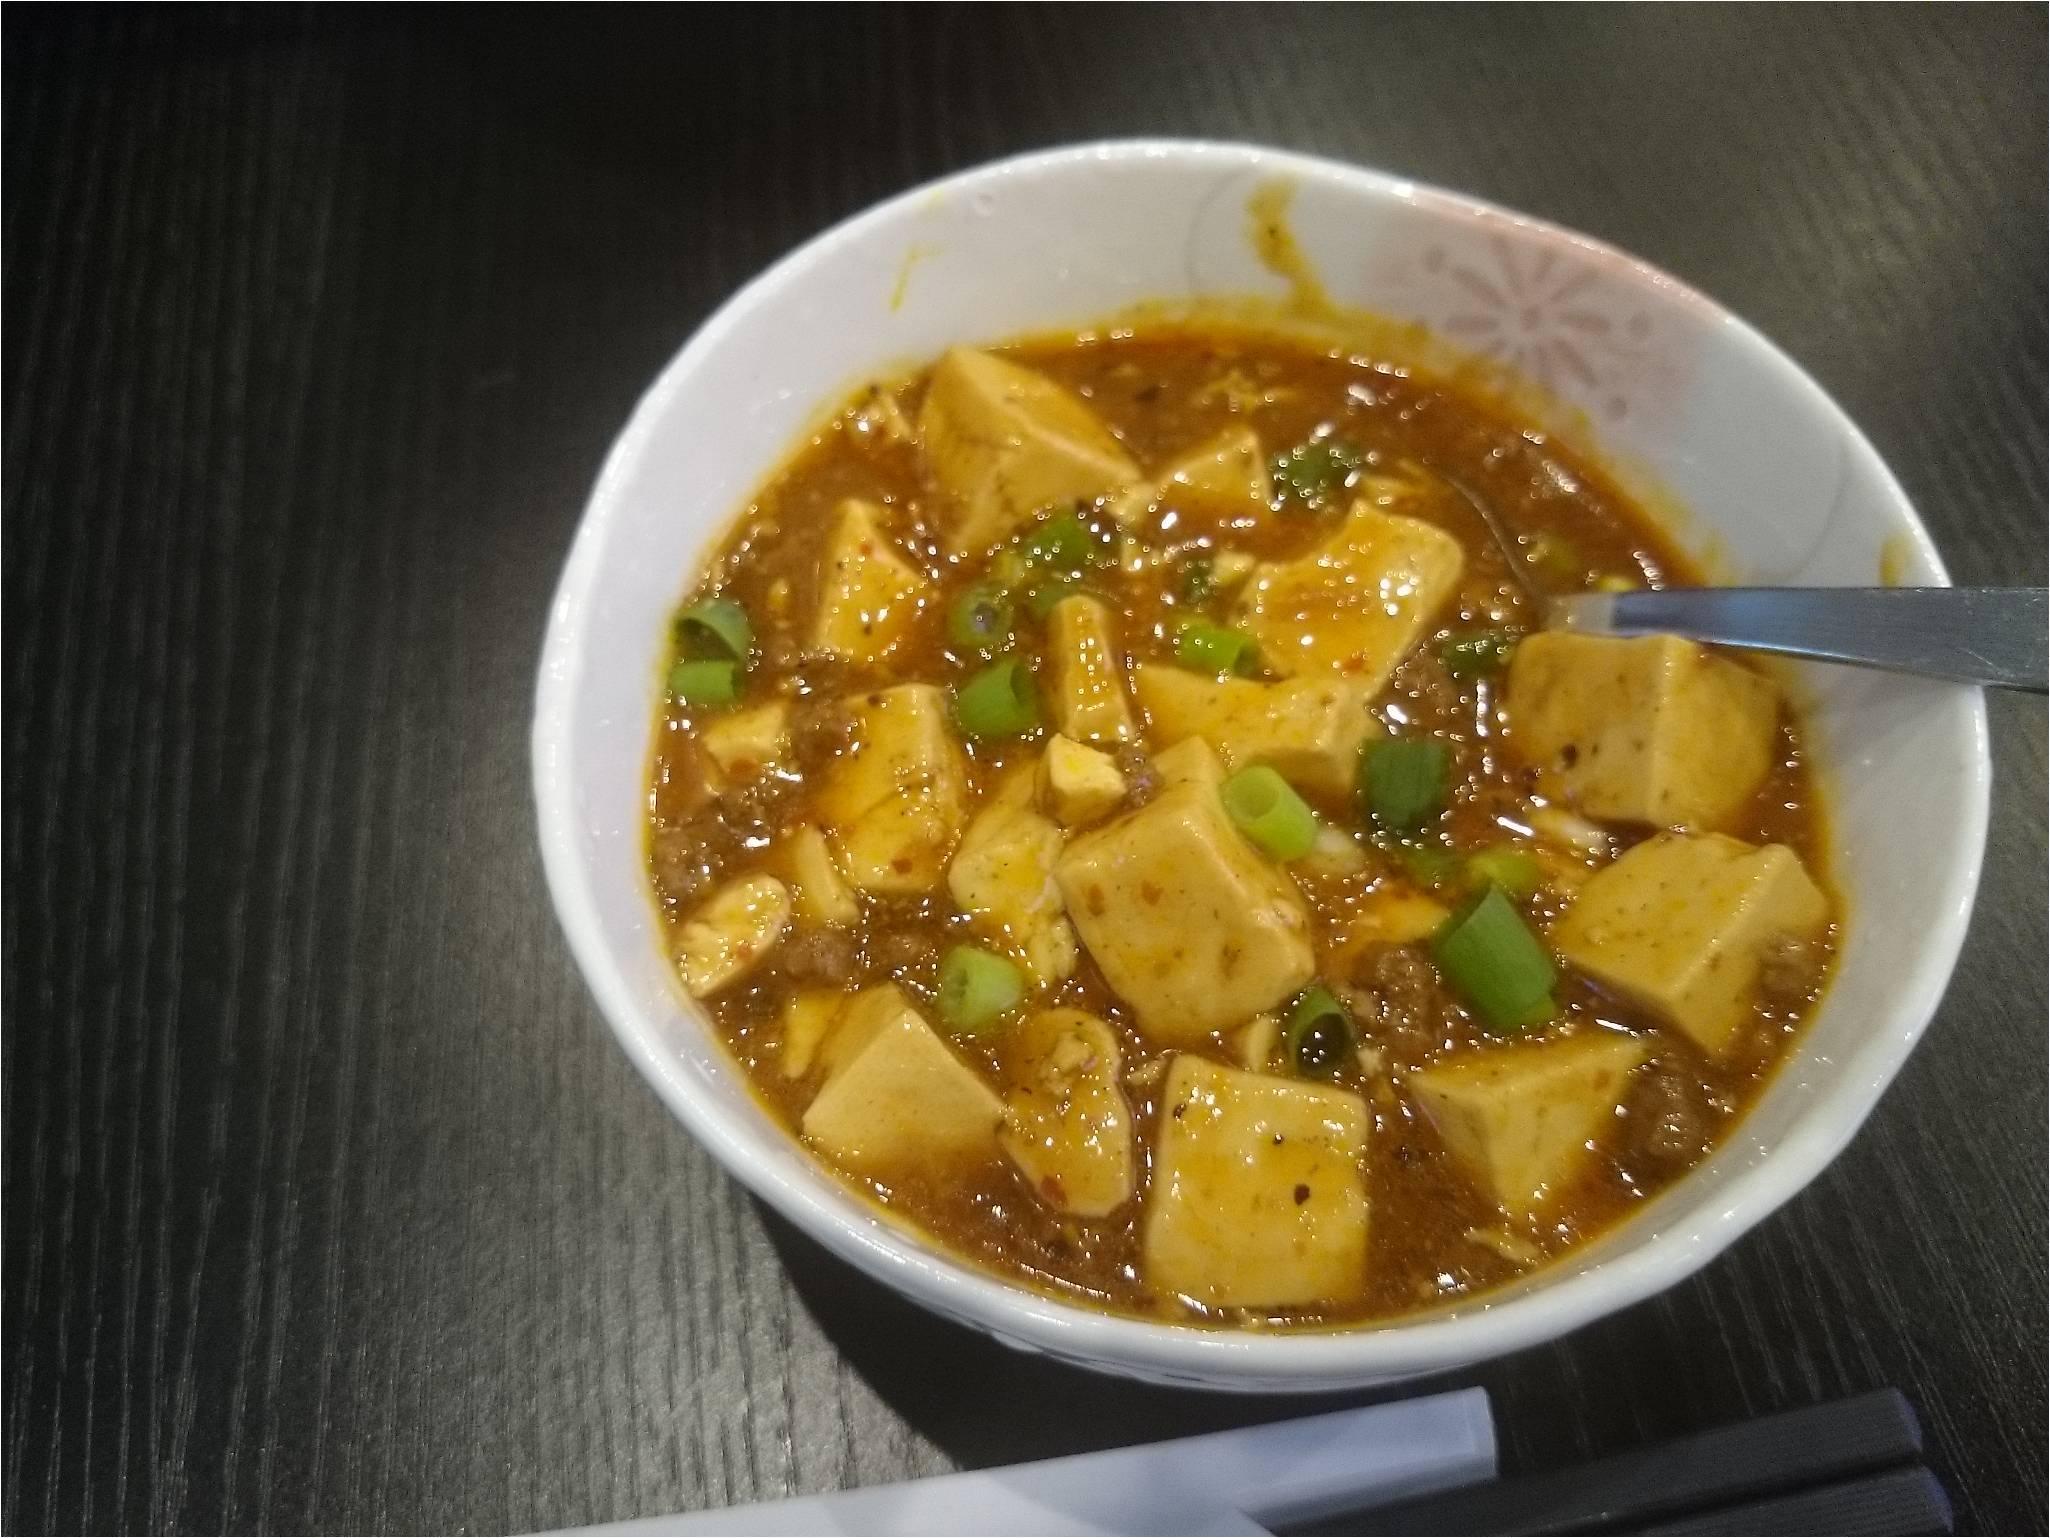 ミニマーボー豆腐